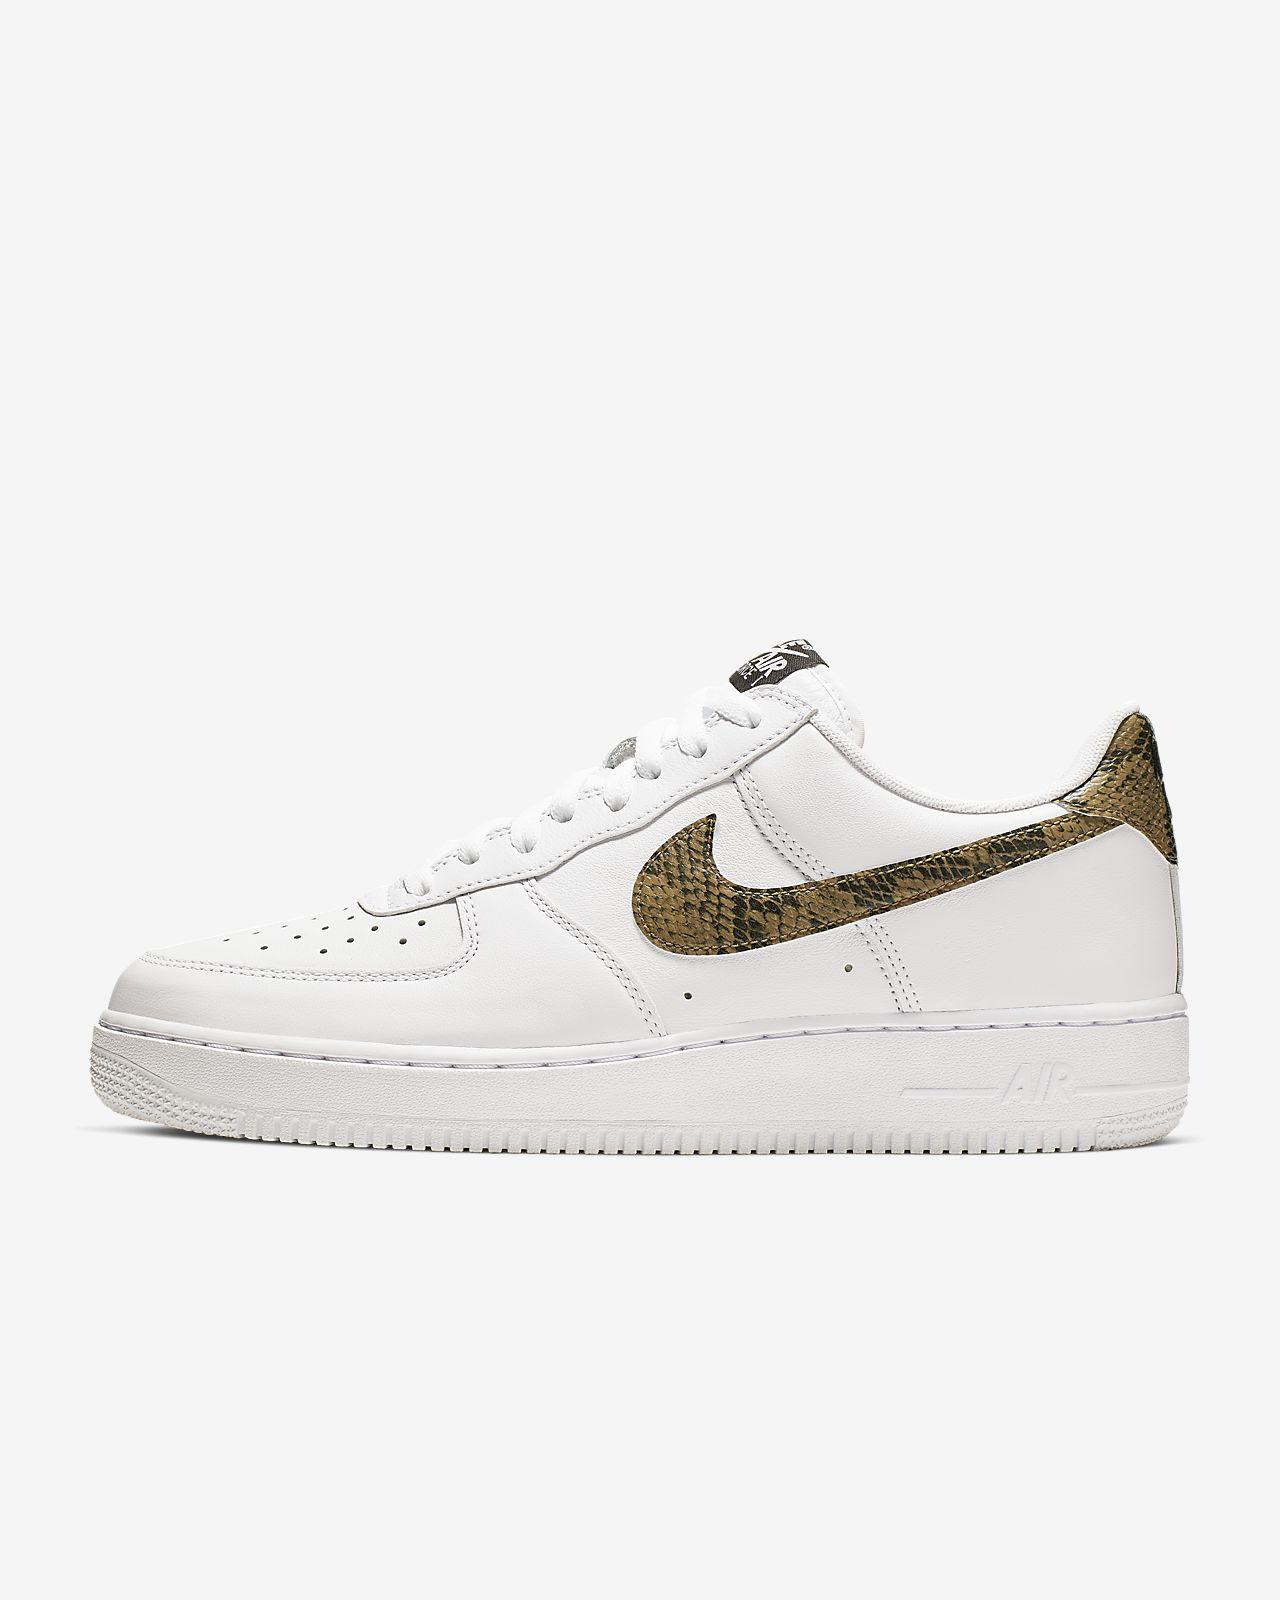 Nike Air Force 1 Low Retro PRM QS 复刻男子运动鞋